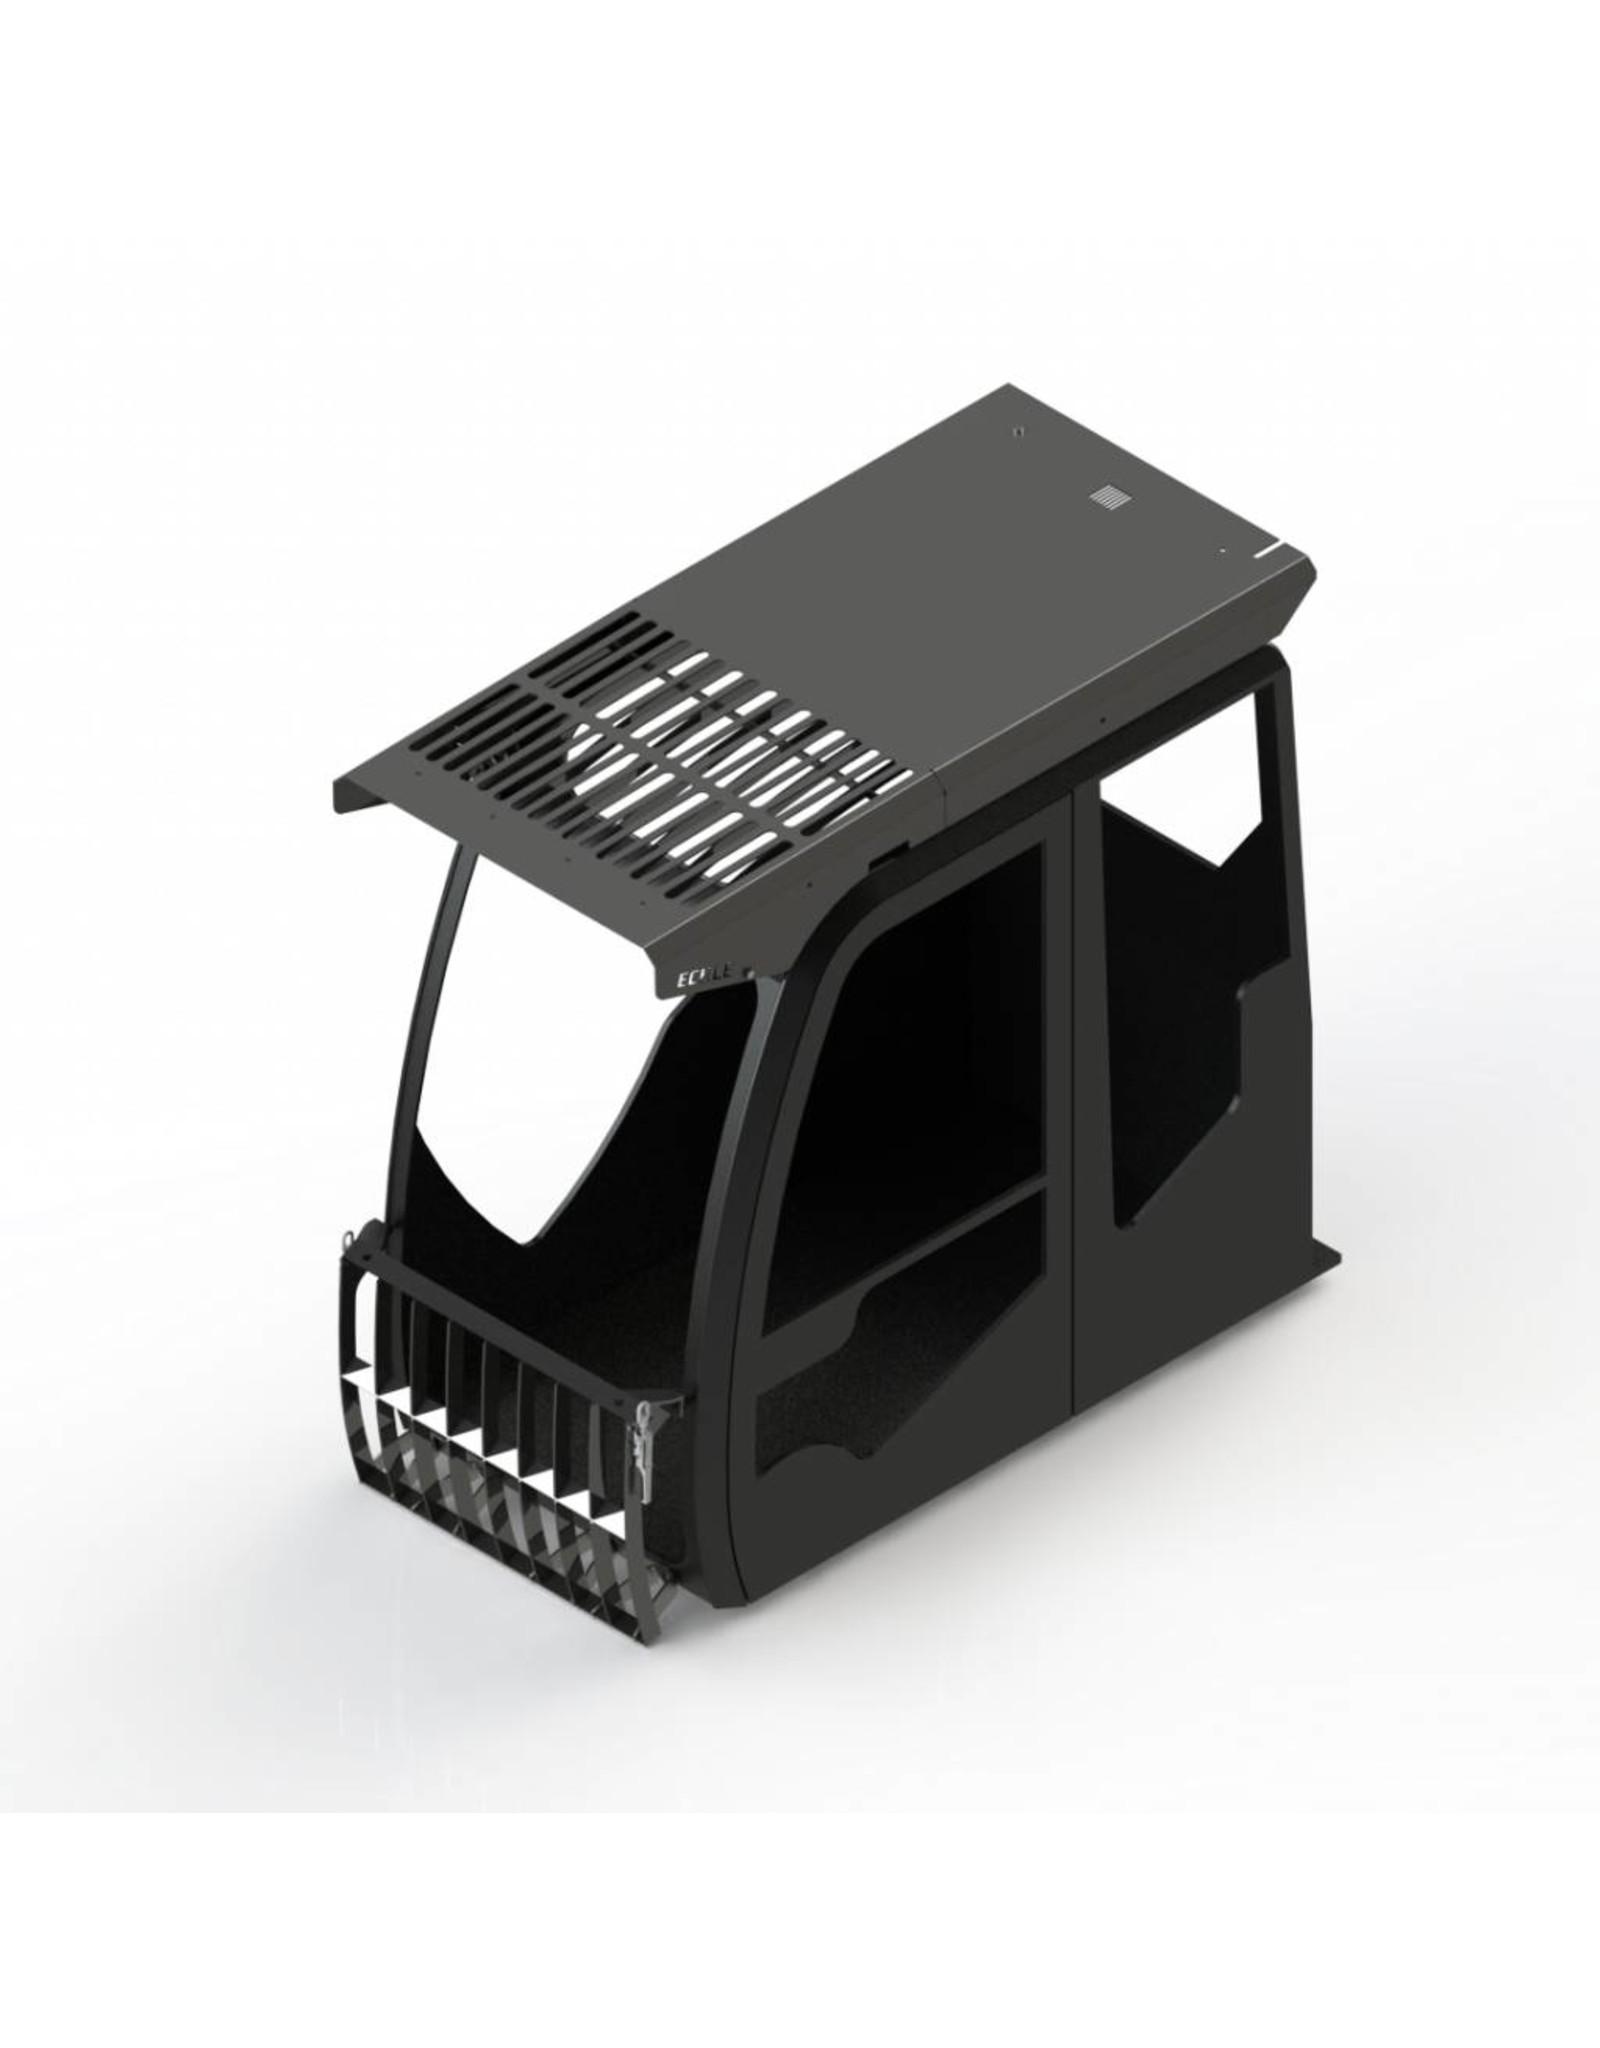 Echle Hartstahl GmbH FOPS for Doosan DX530LC-5